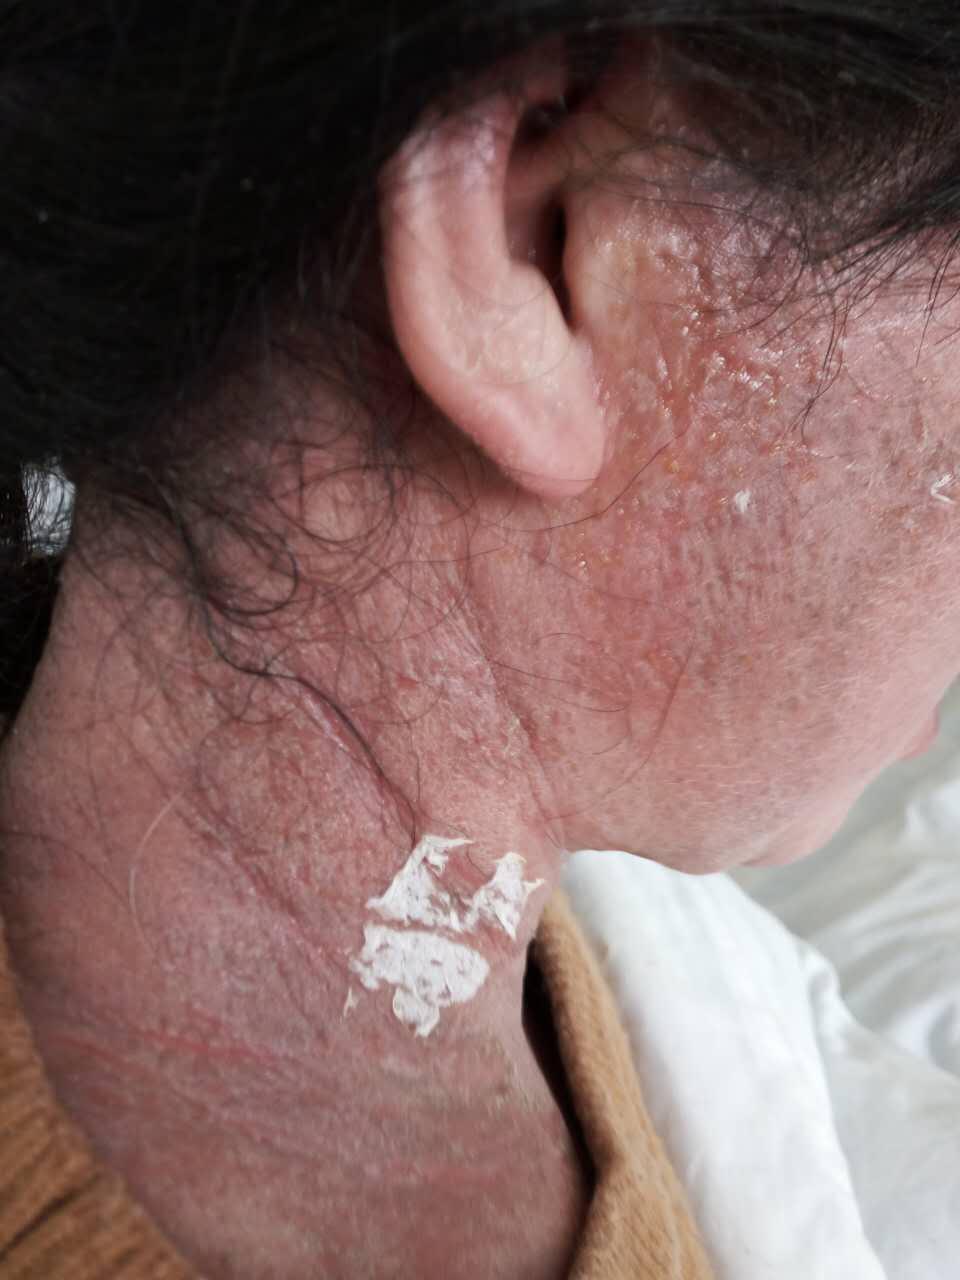 照片里的可怜人,由于头发焗油而导致全身过敏性皮炎,在诊所看了一个月没有好转,用可丽金健肤喷雾+可愈16天后的效果,可见类人胶原蛋白对肌肤修复的功效有多强大